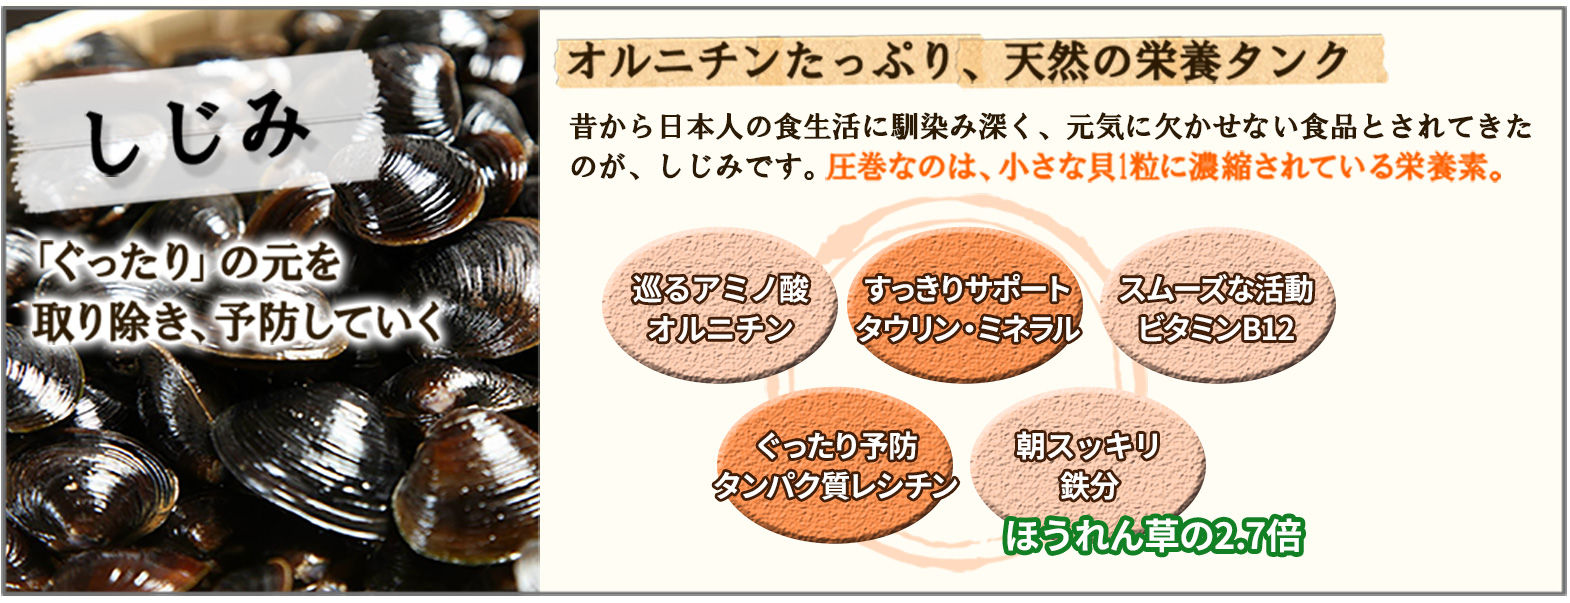 s04_shijimi_pc